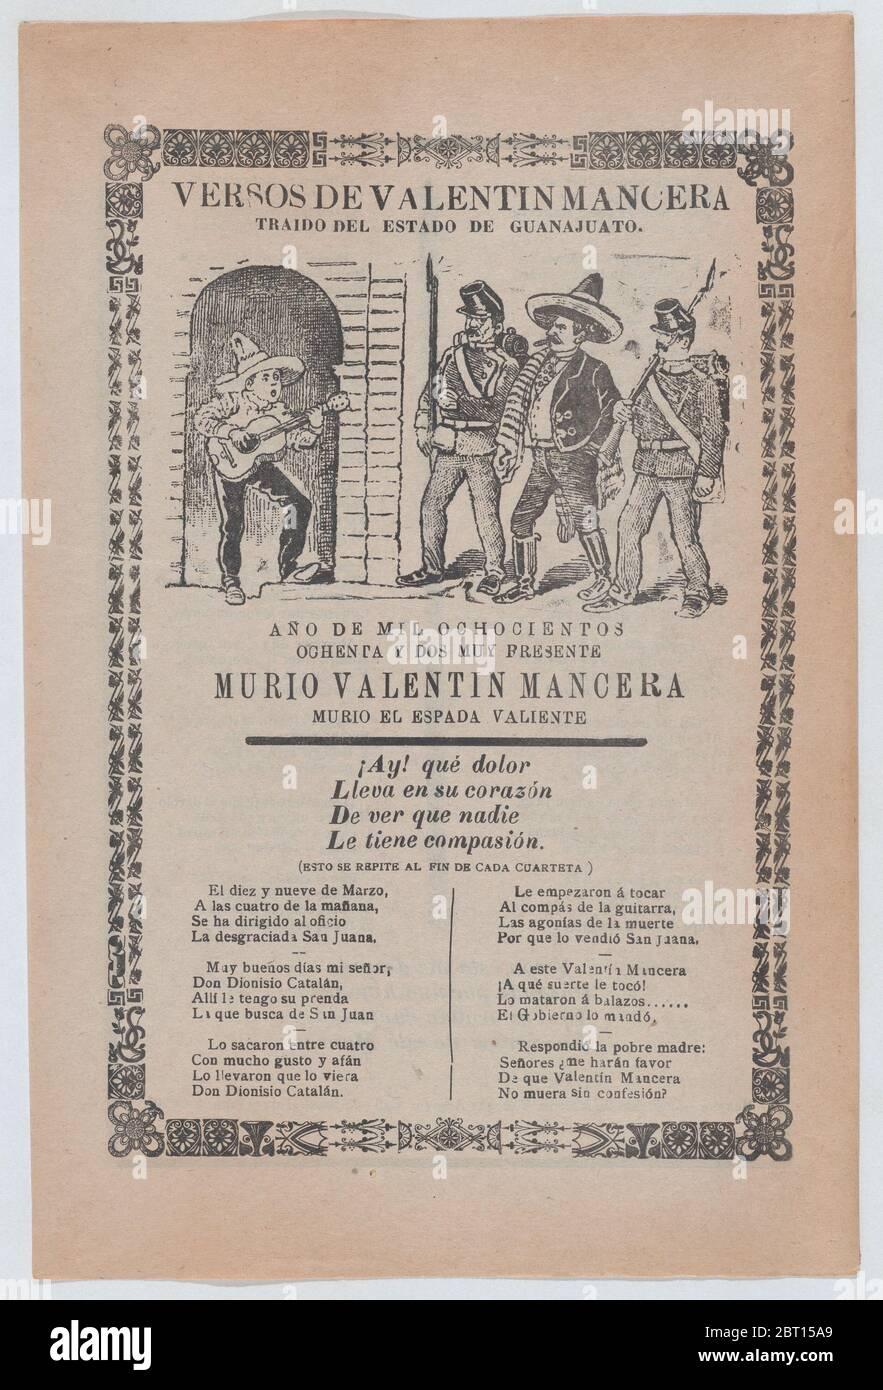 Grand-page relatif à la capture de l'avant-garde Valentín Mancera : guitariste chantant dans une porte, alors que deux soldats escortent Mancera, vers 1902. Banque D'Images